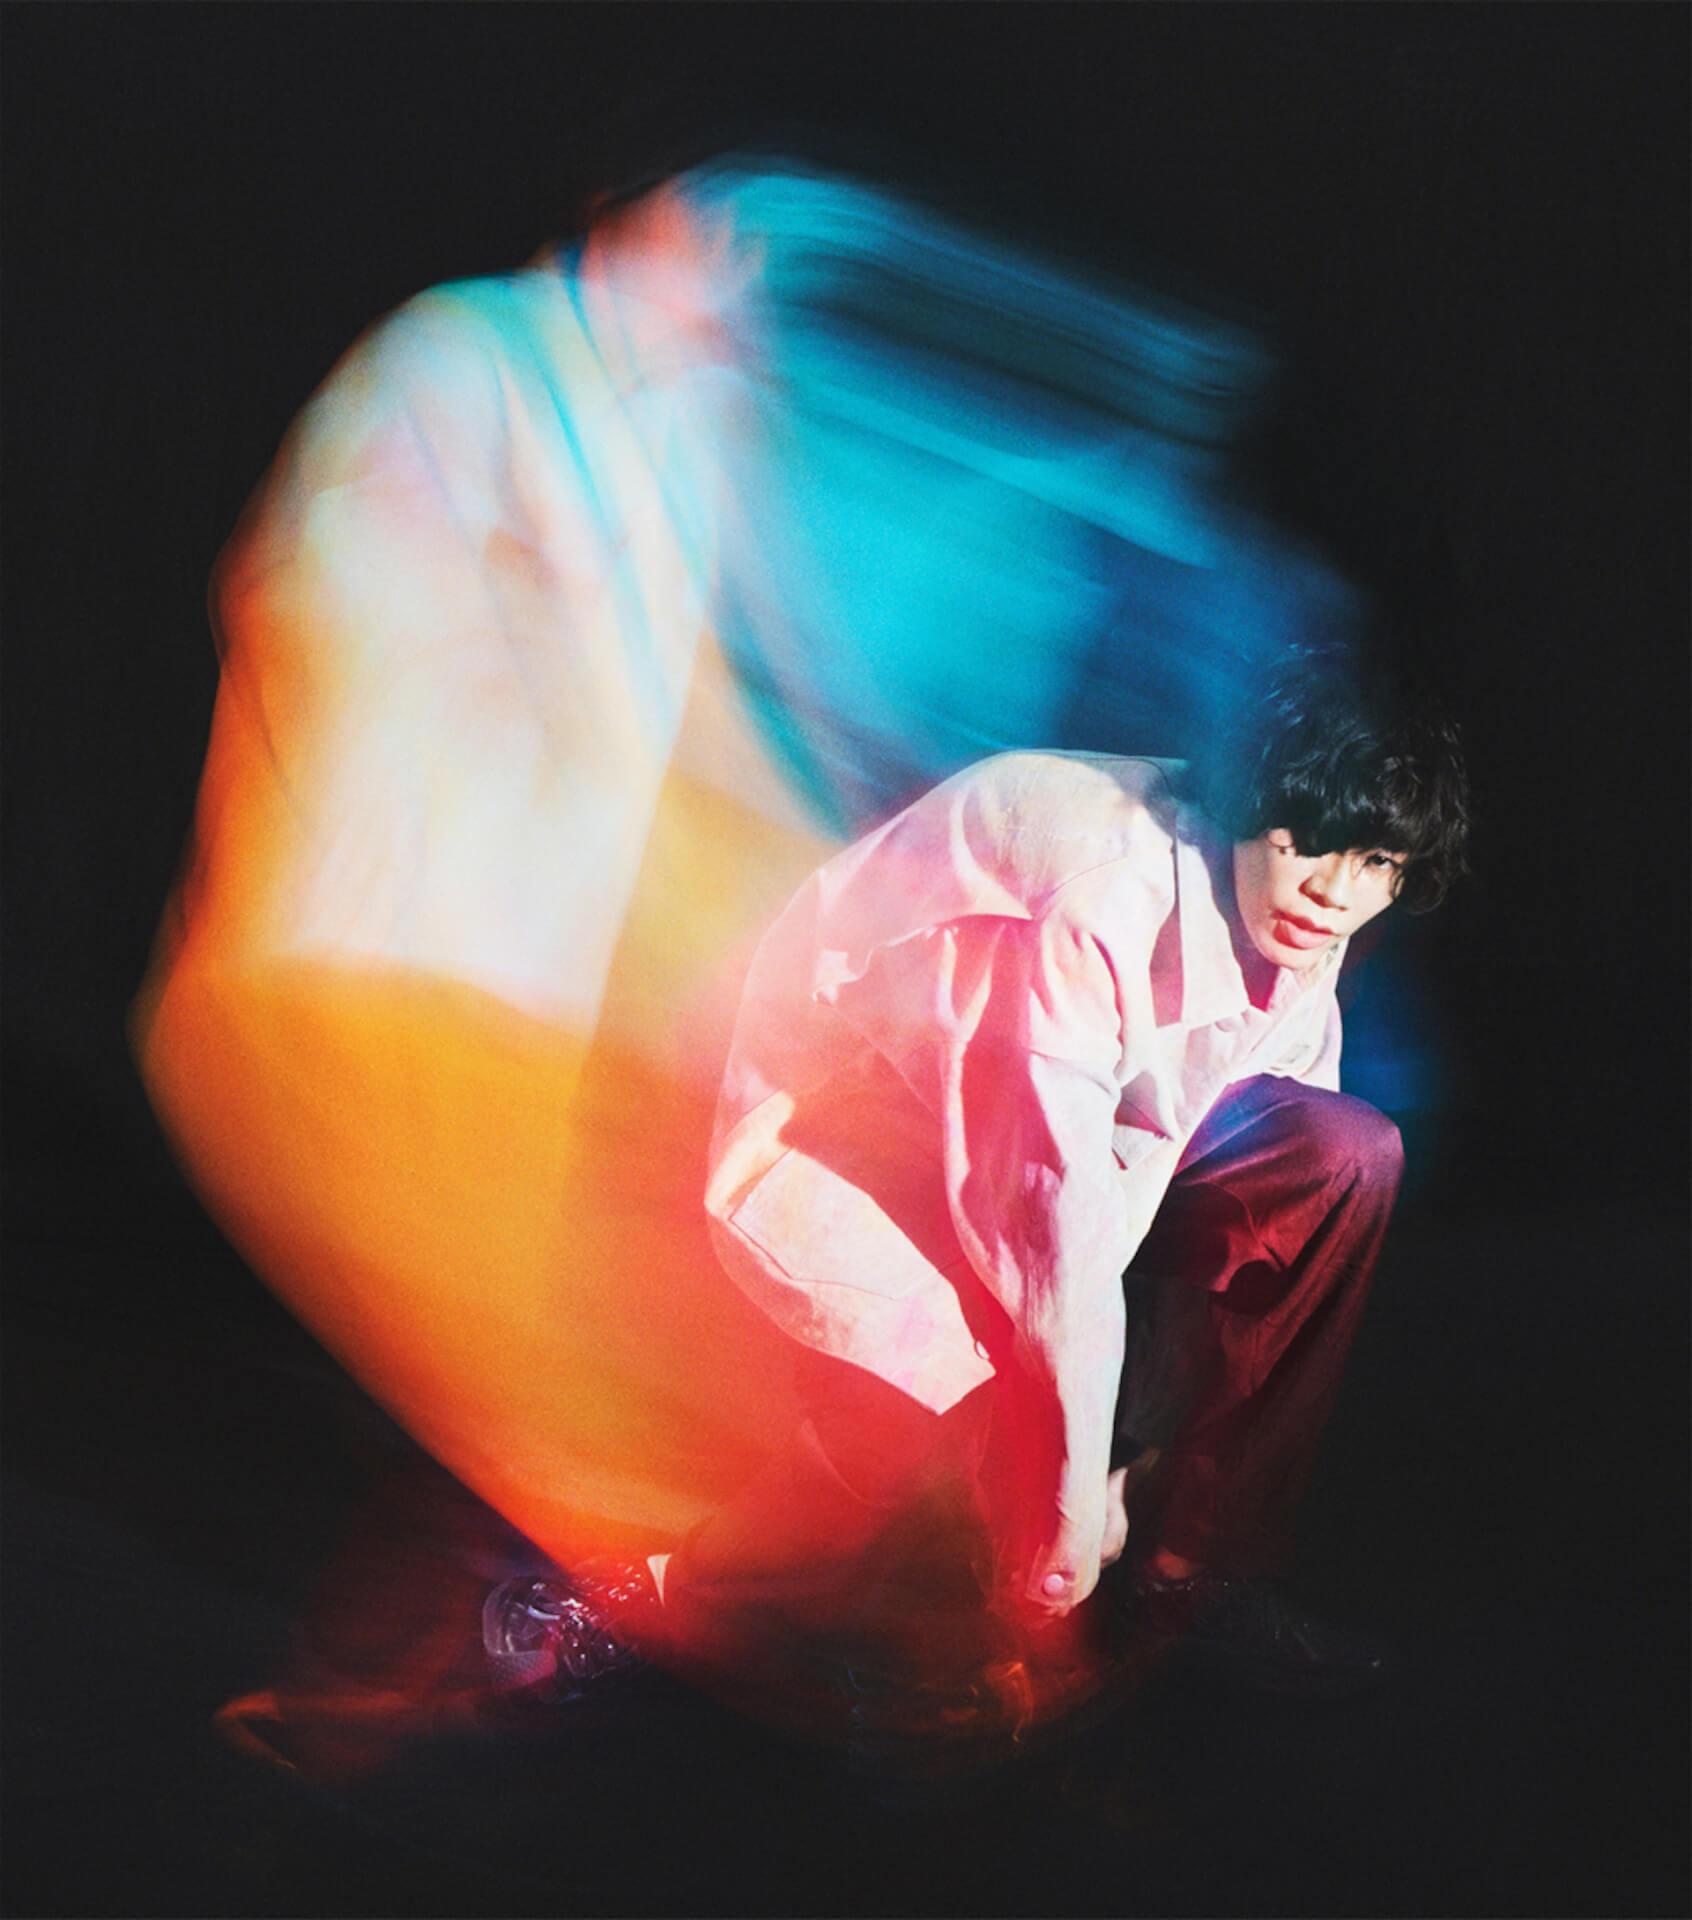 米津玄師、自身初のフラゲミリオン出荷!『STRAY SHEEP』100万枚出荷で祝賀アー写が公開 music200804_yonezukenshi_2